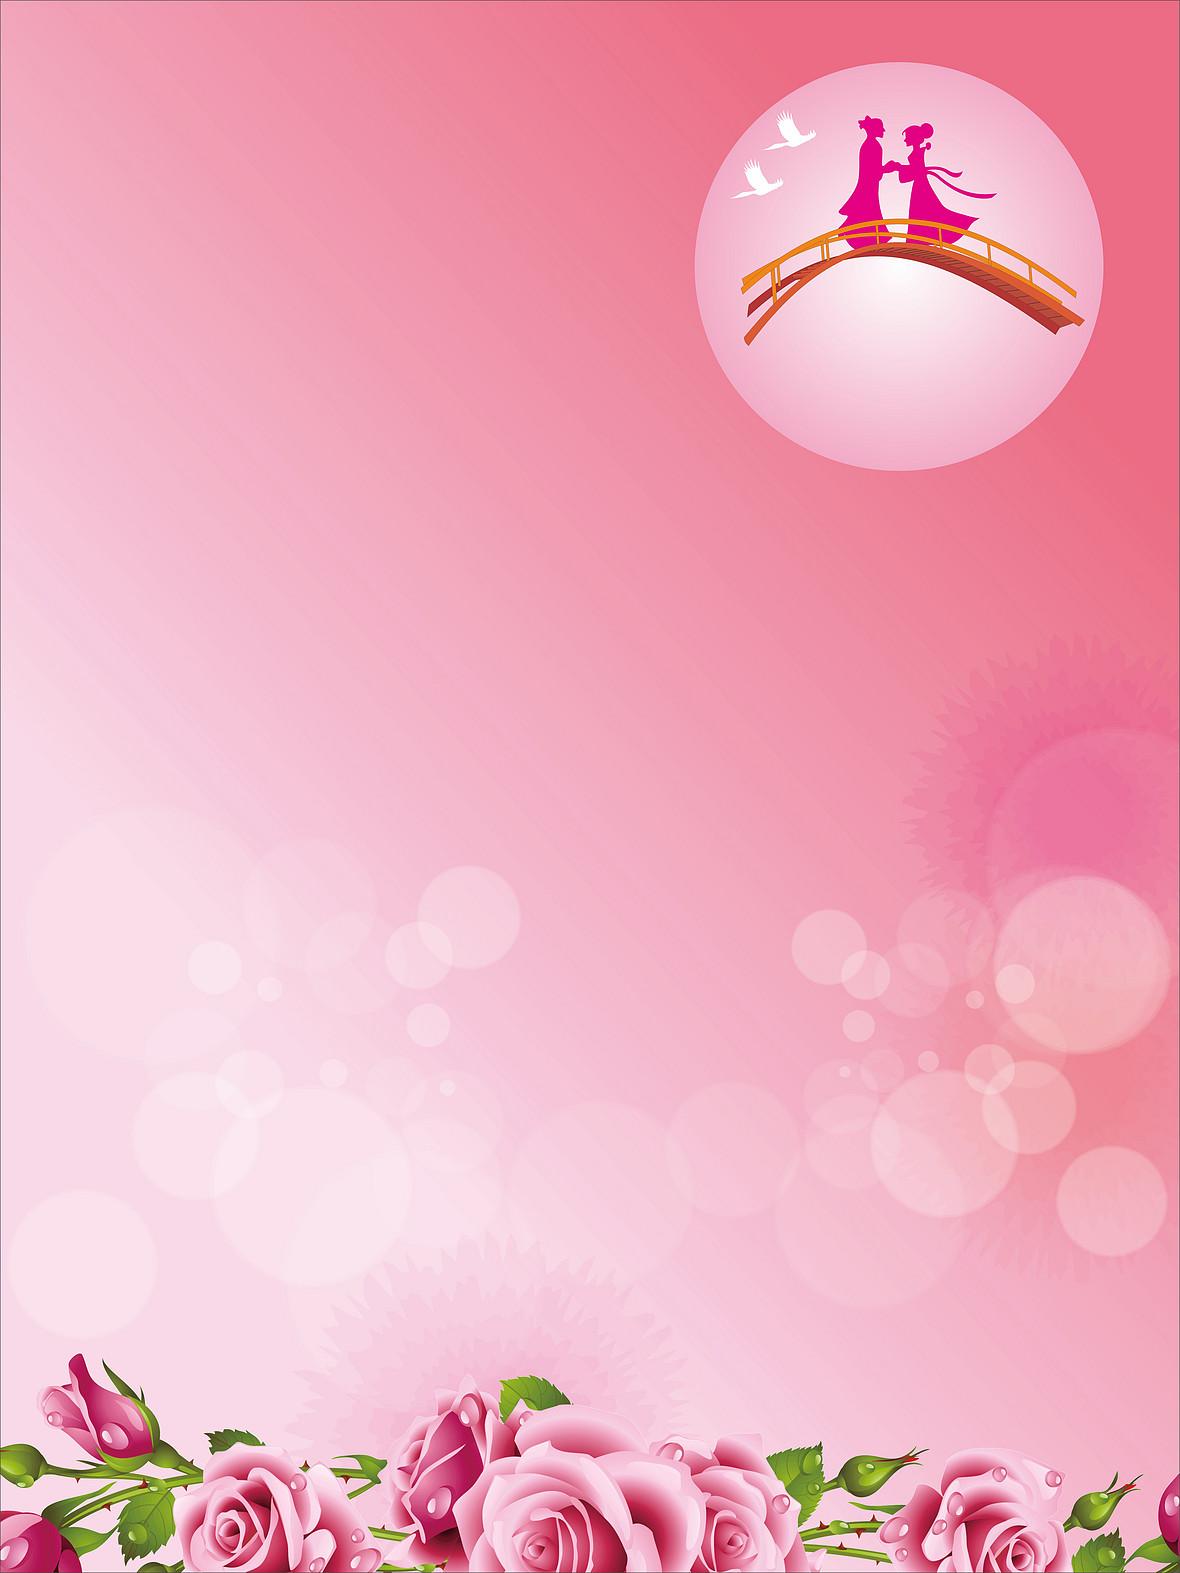 七夕情人节婚礼海报背景设计